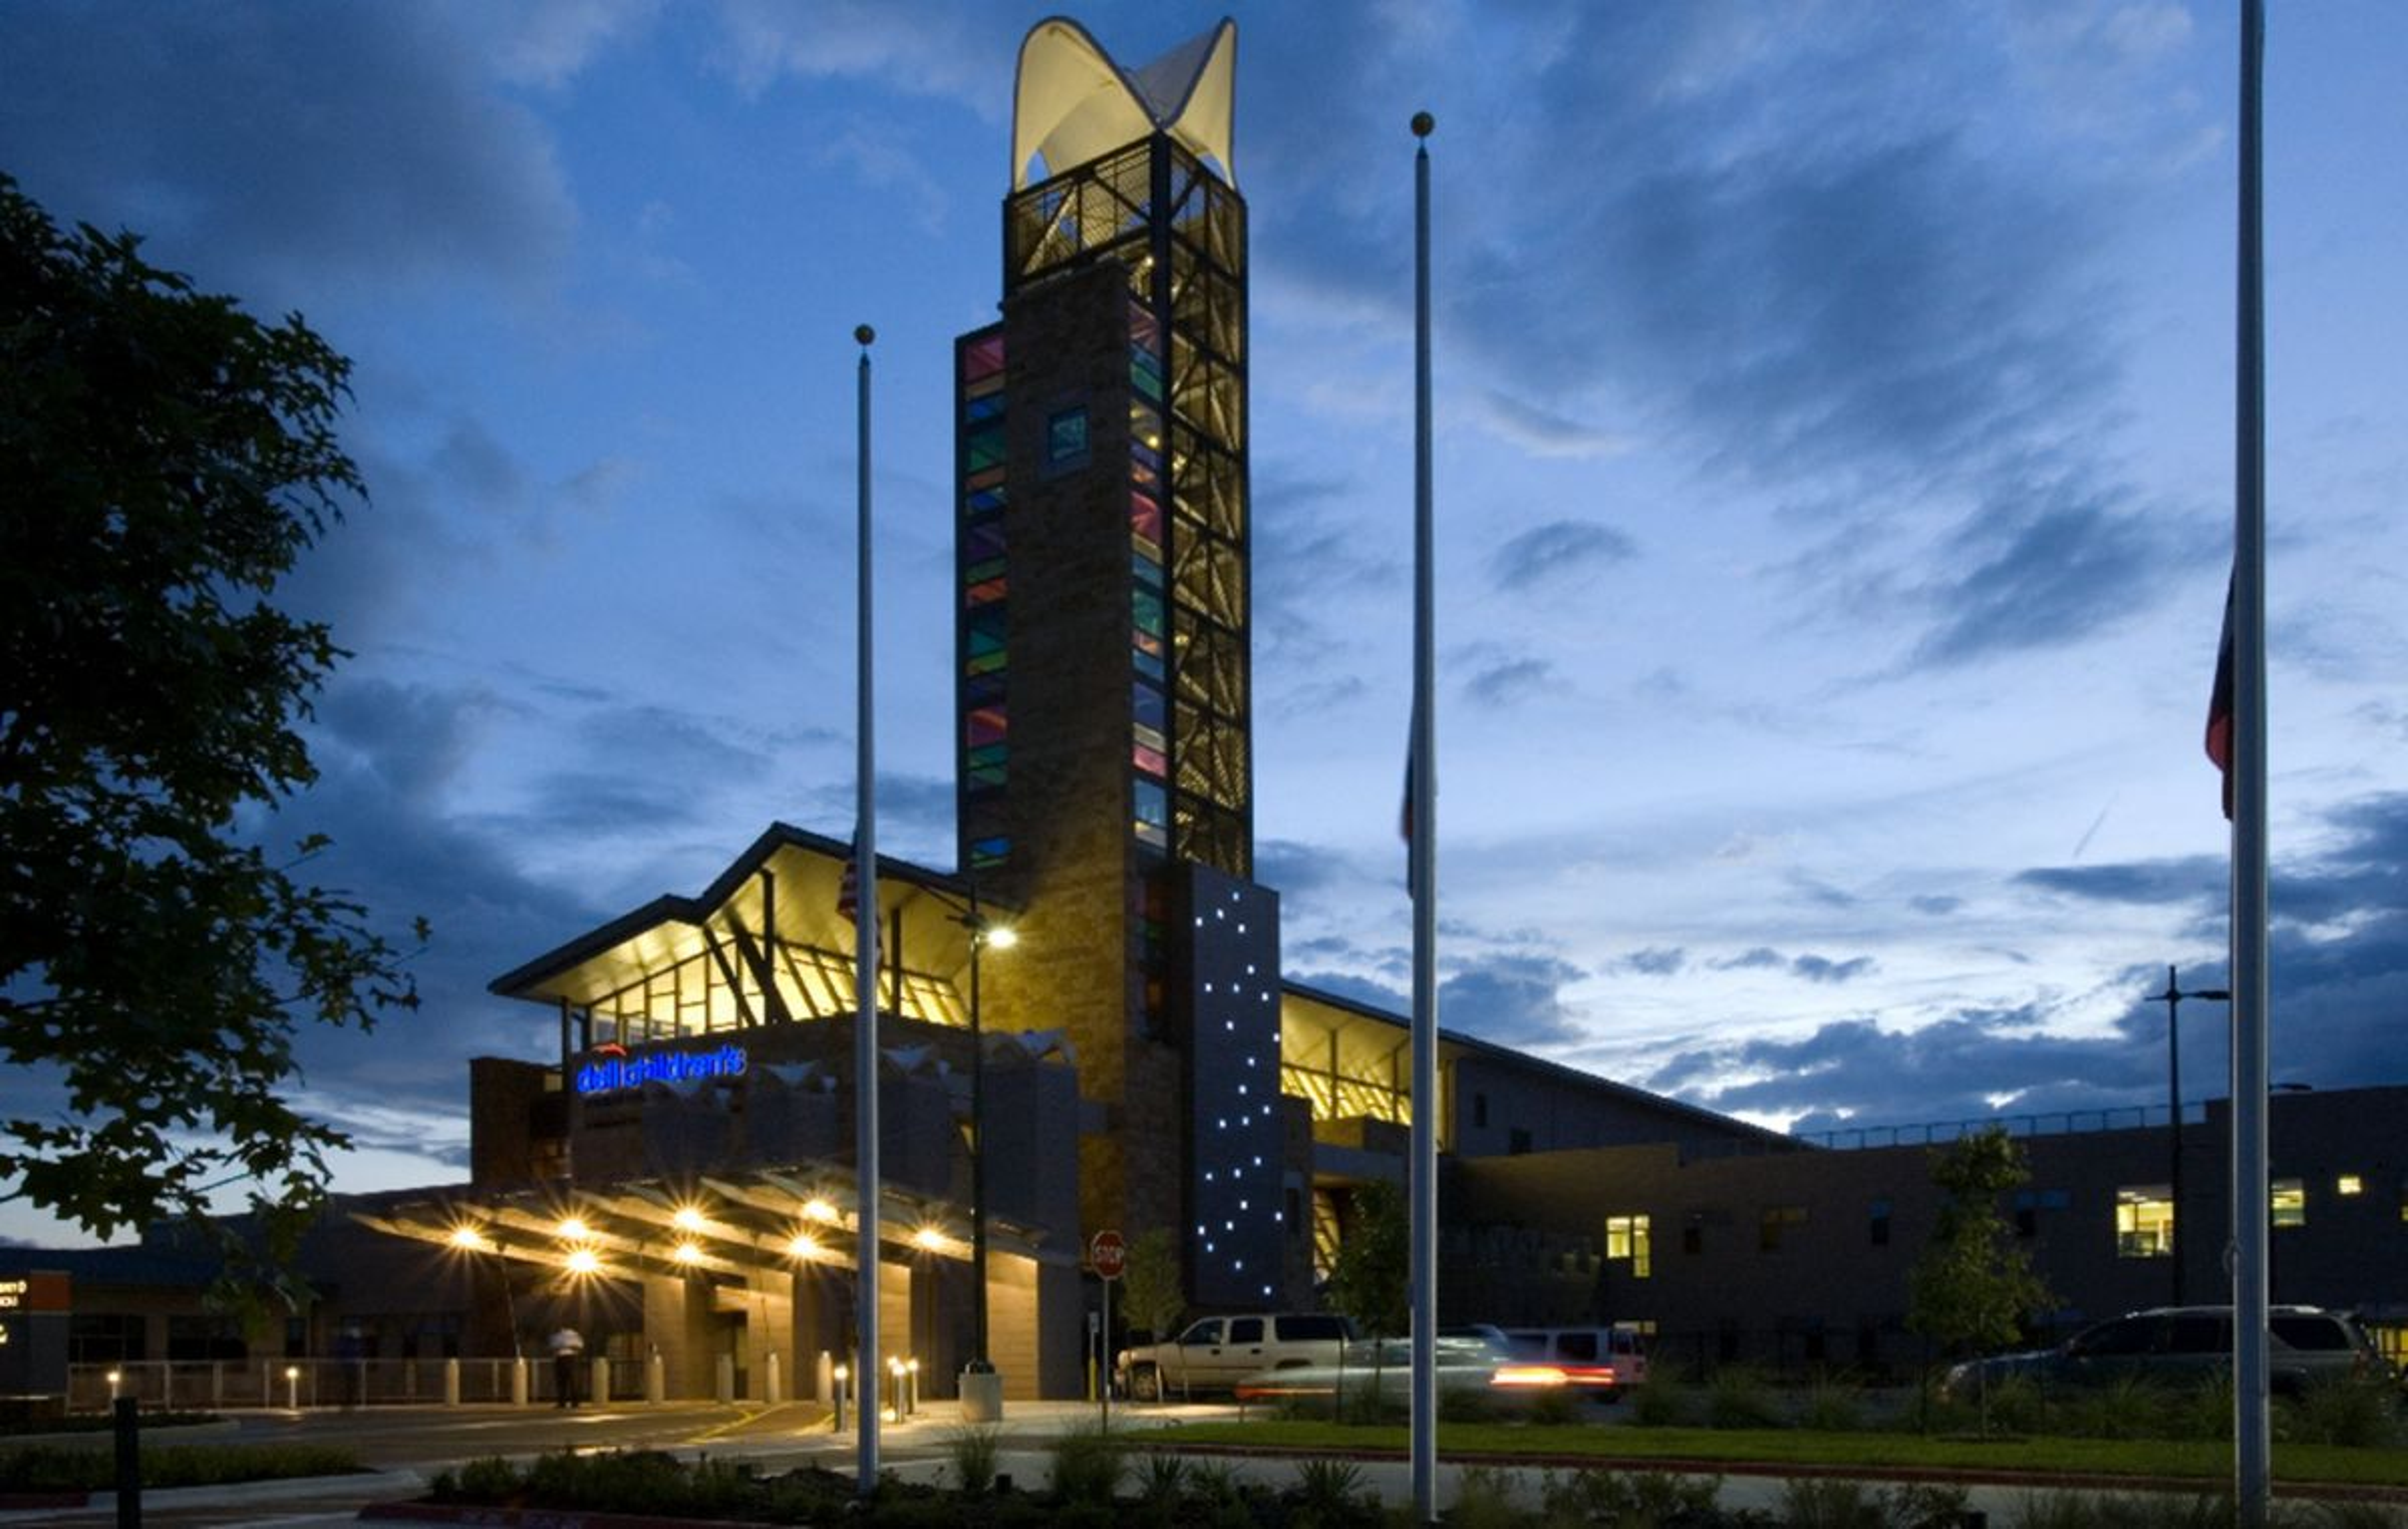 Dell Children's Medical Center